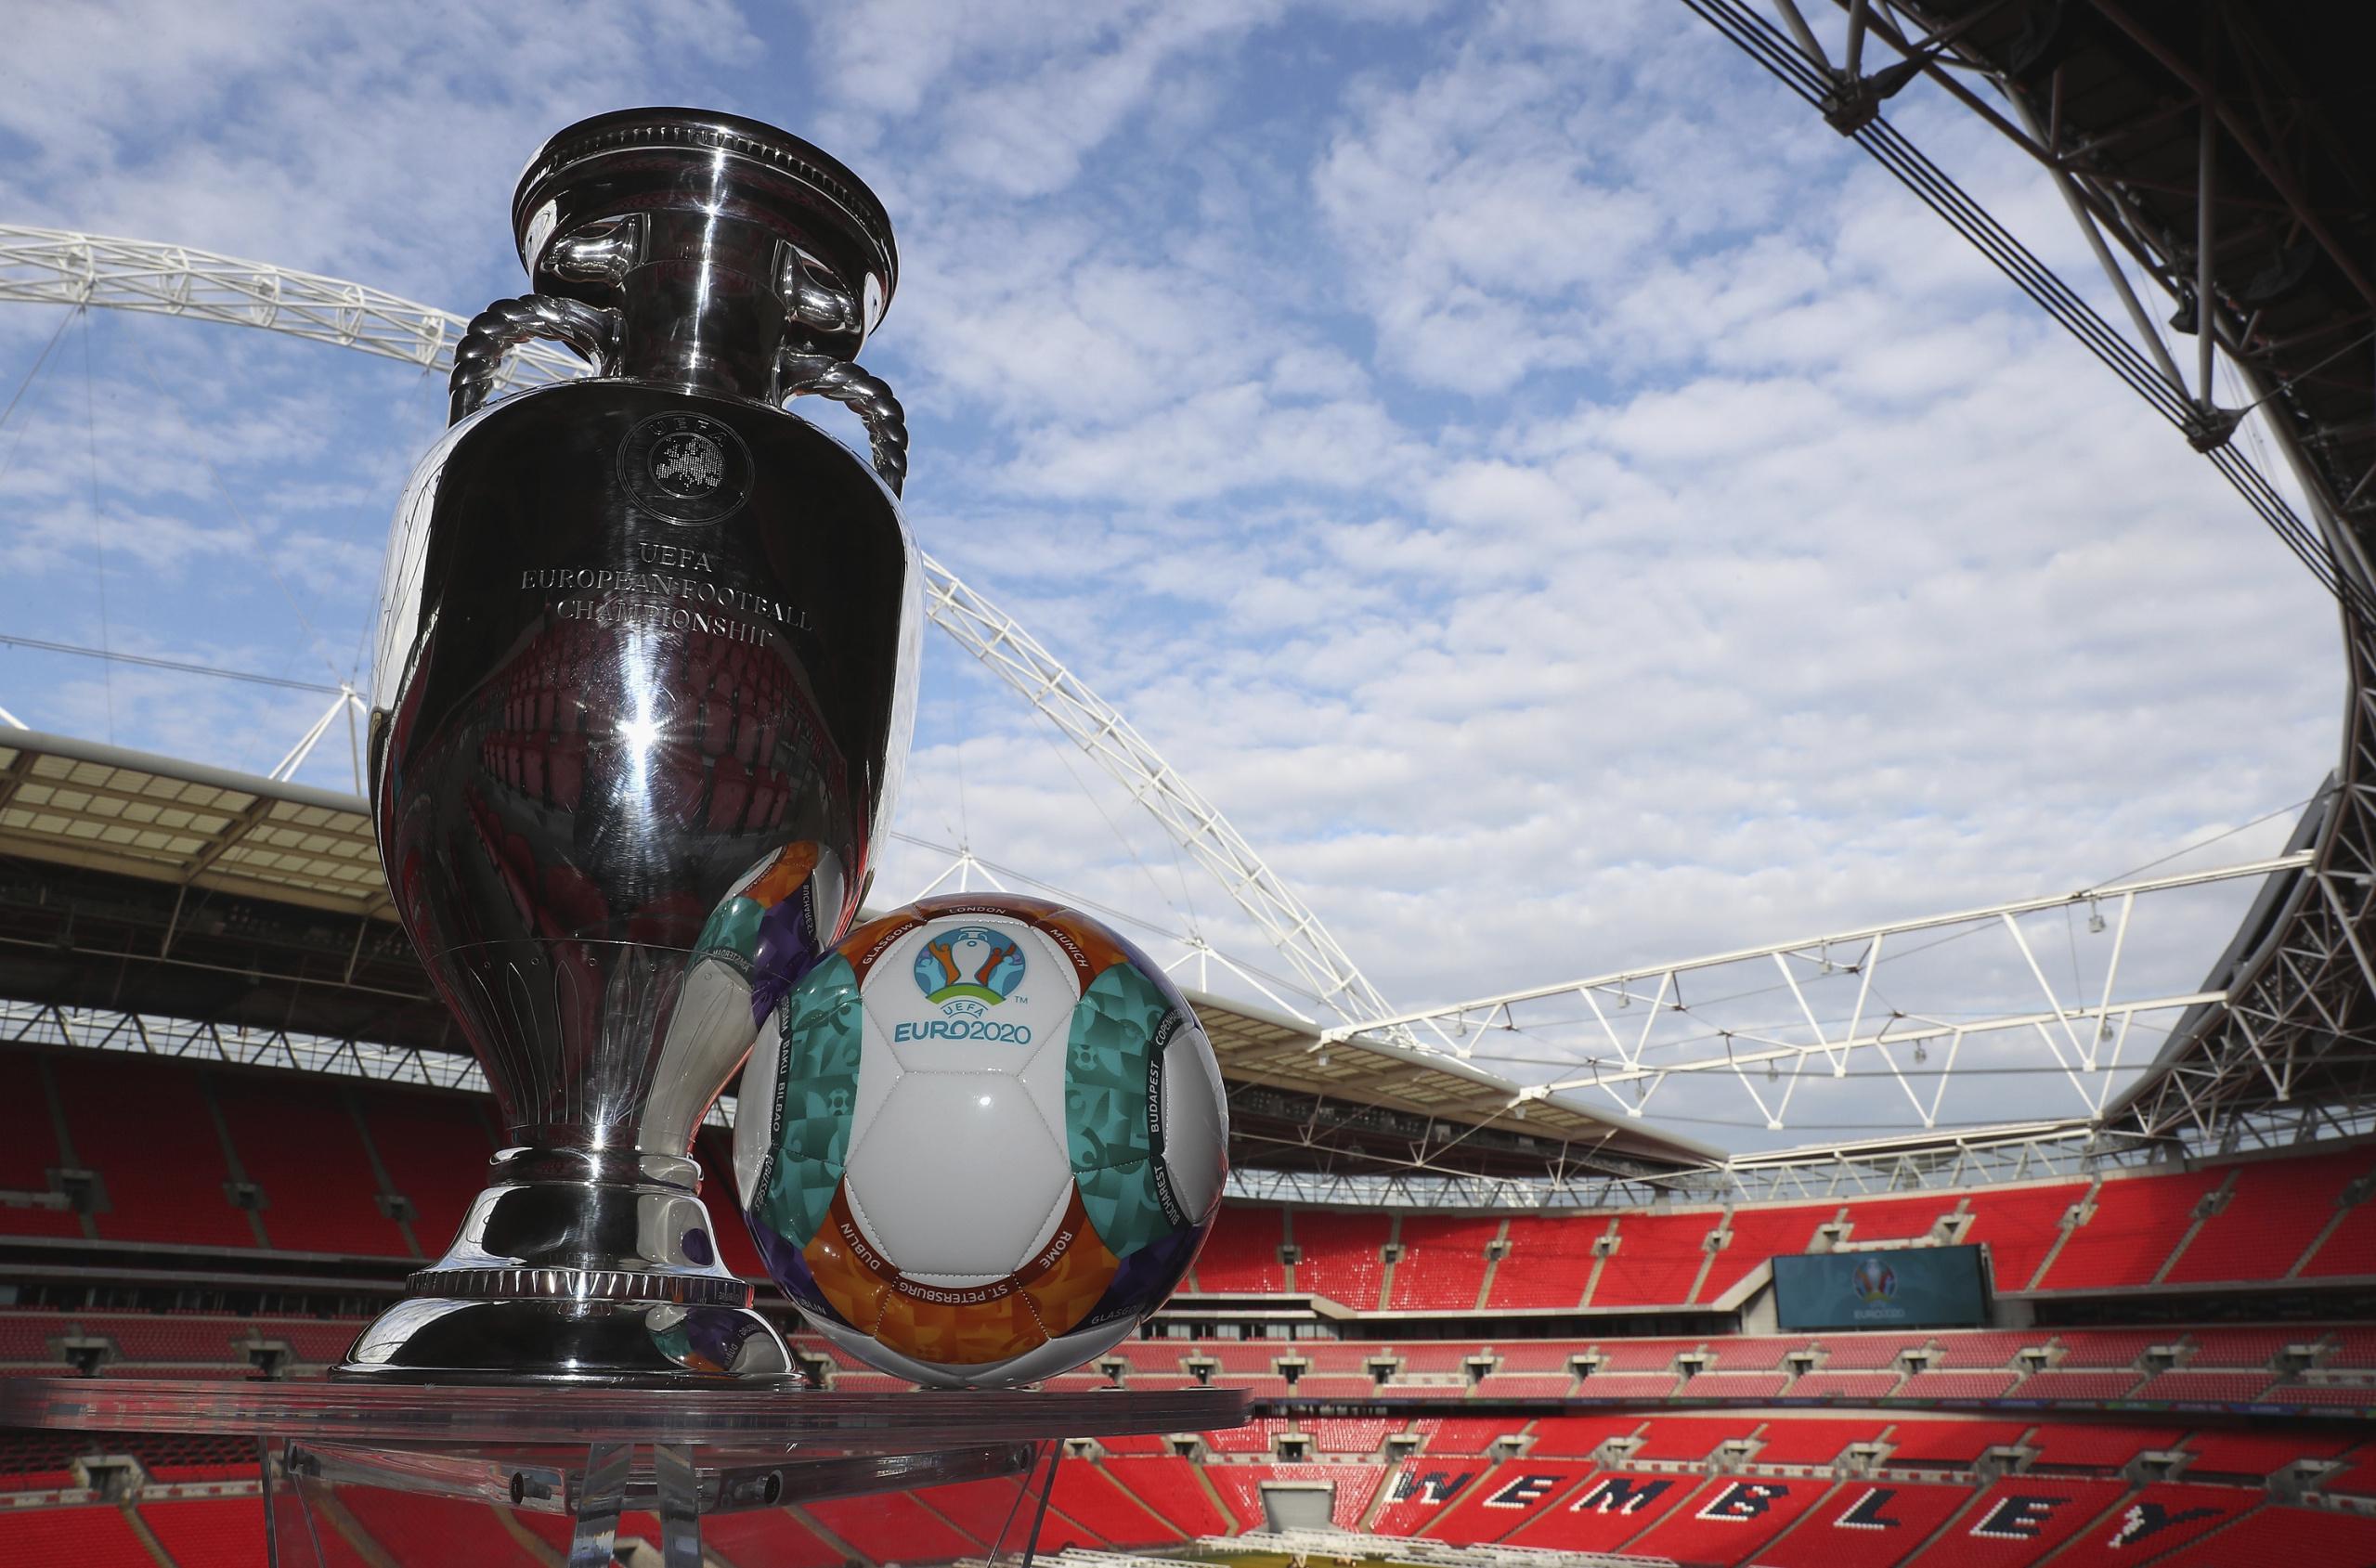 Le stade de Wembley, à Londres, va accueillir le reste de l'Euro 2020, les demies et la finale.